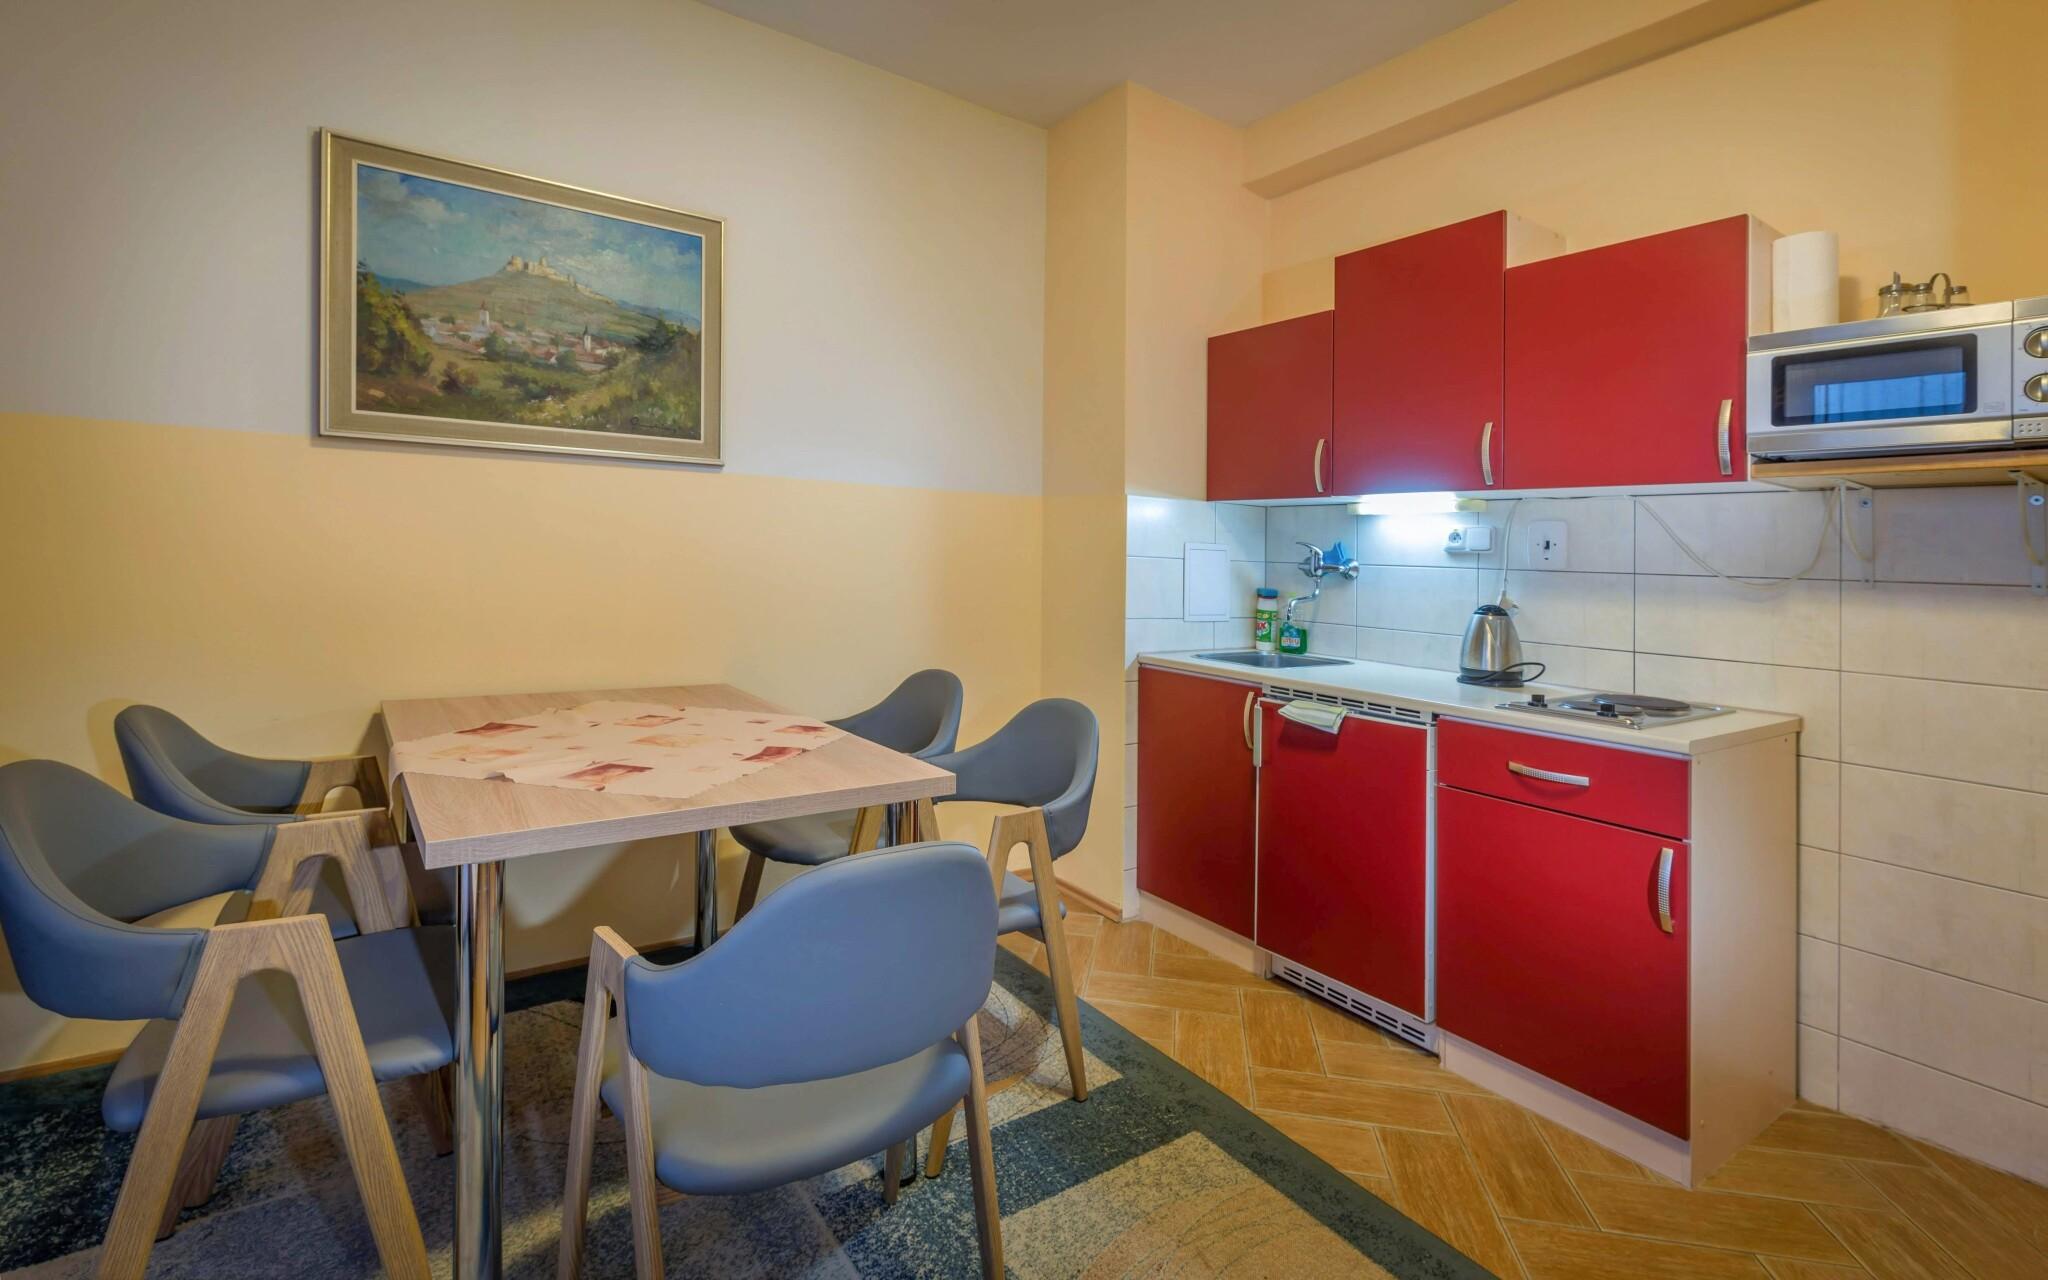 Apartmán s balkonem pro tři osoby, možnost dvou přistýlek